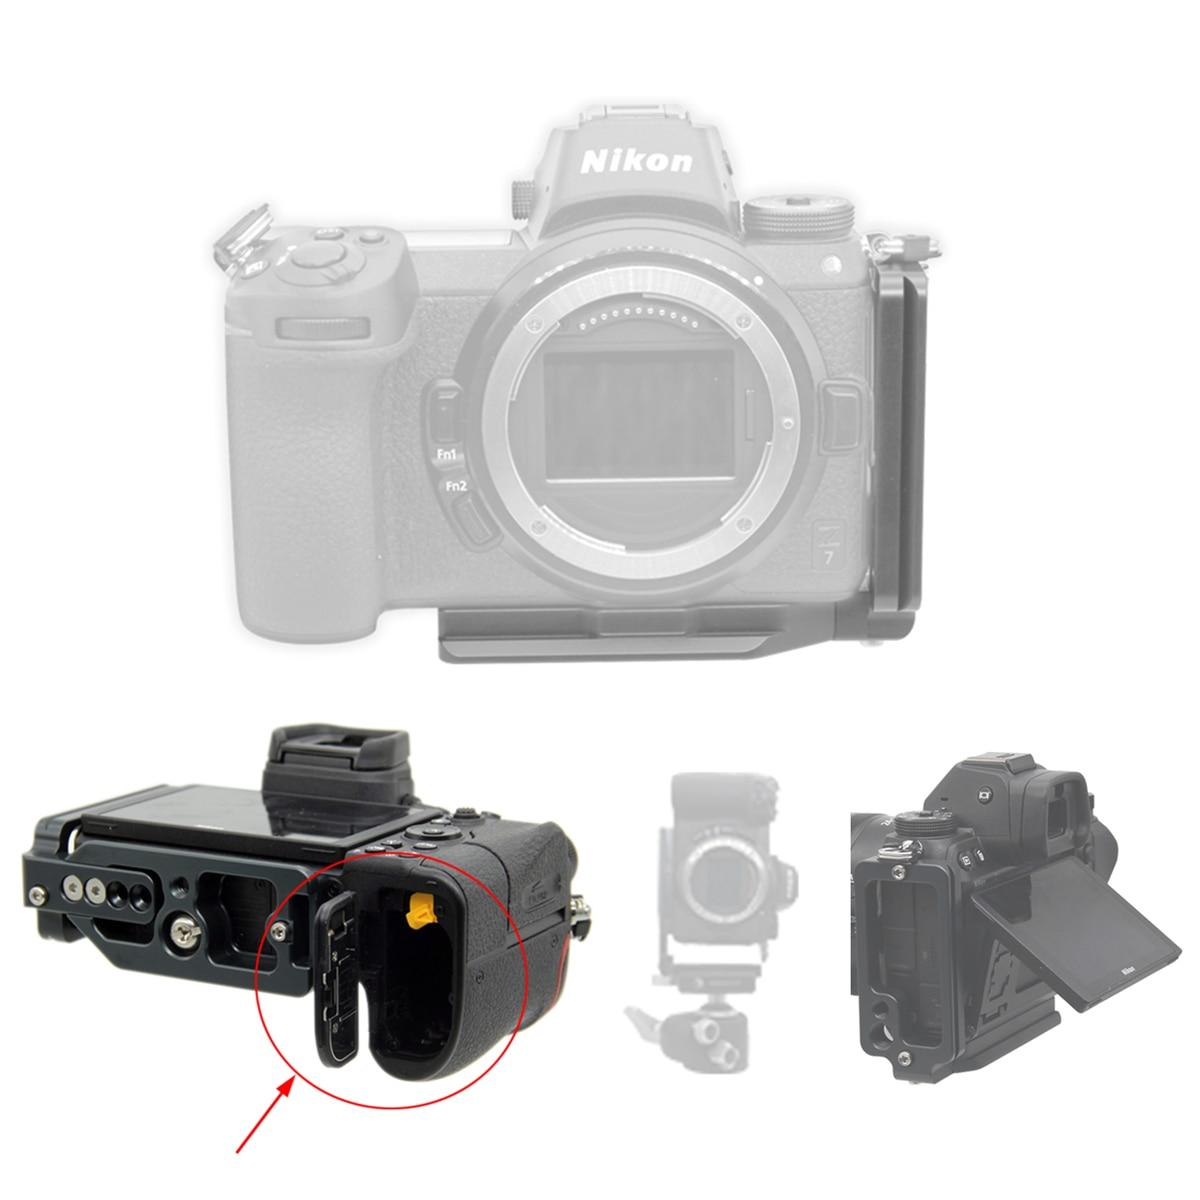 Extensible L-Forme Vertical Quick Release Trépied L Plaque Support pour Nikon Z7 Z6 Z 7 Z 6 Caméra